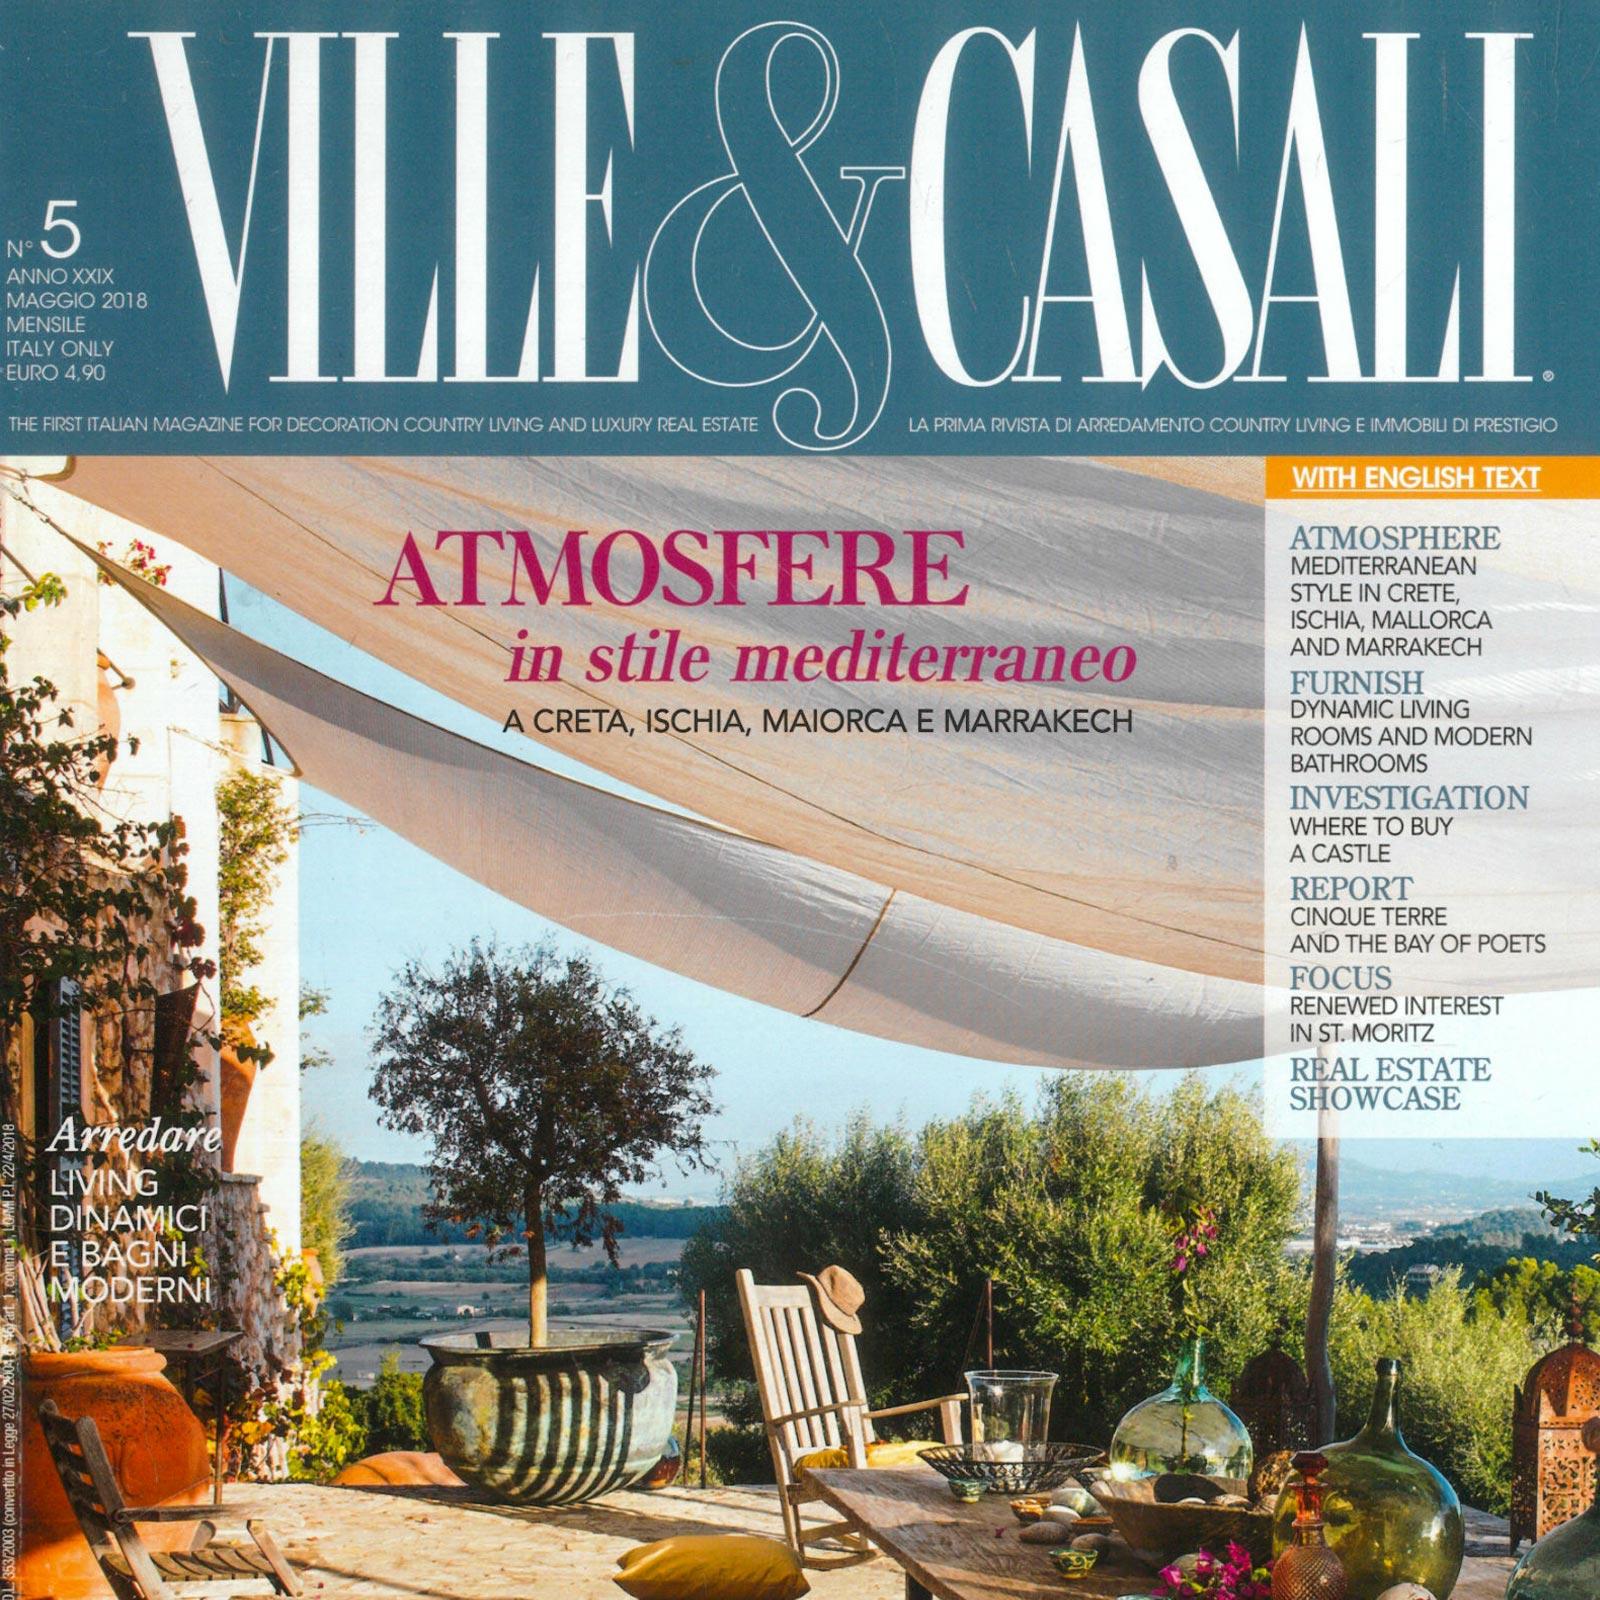 Arredamento Per Casali 2018-05-press-madeamano-ville-e-casali - made a mano